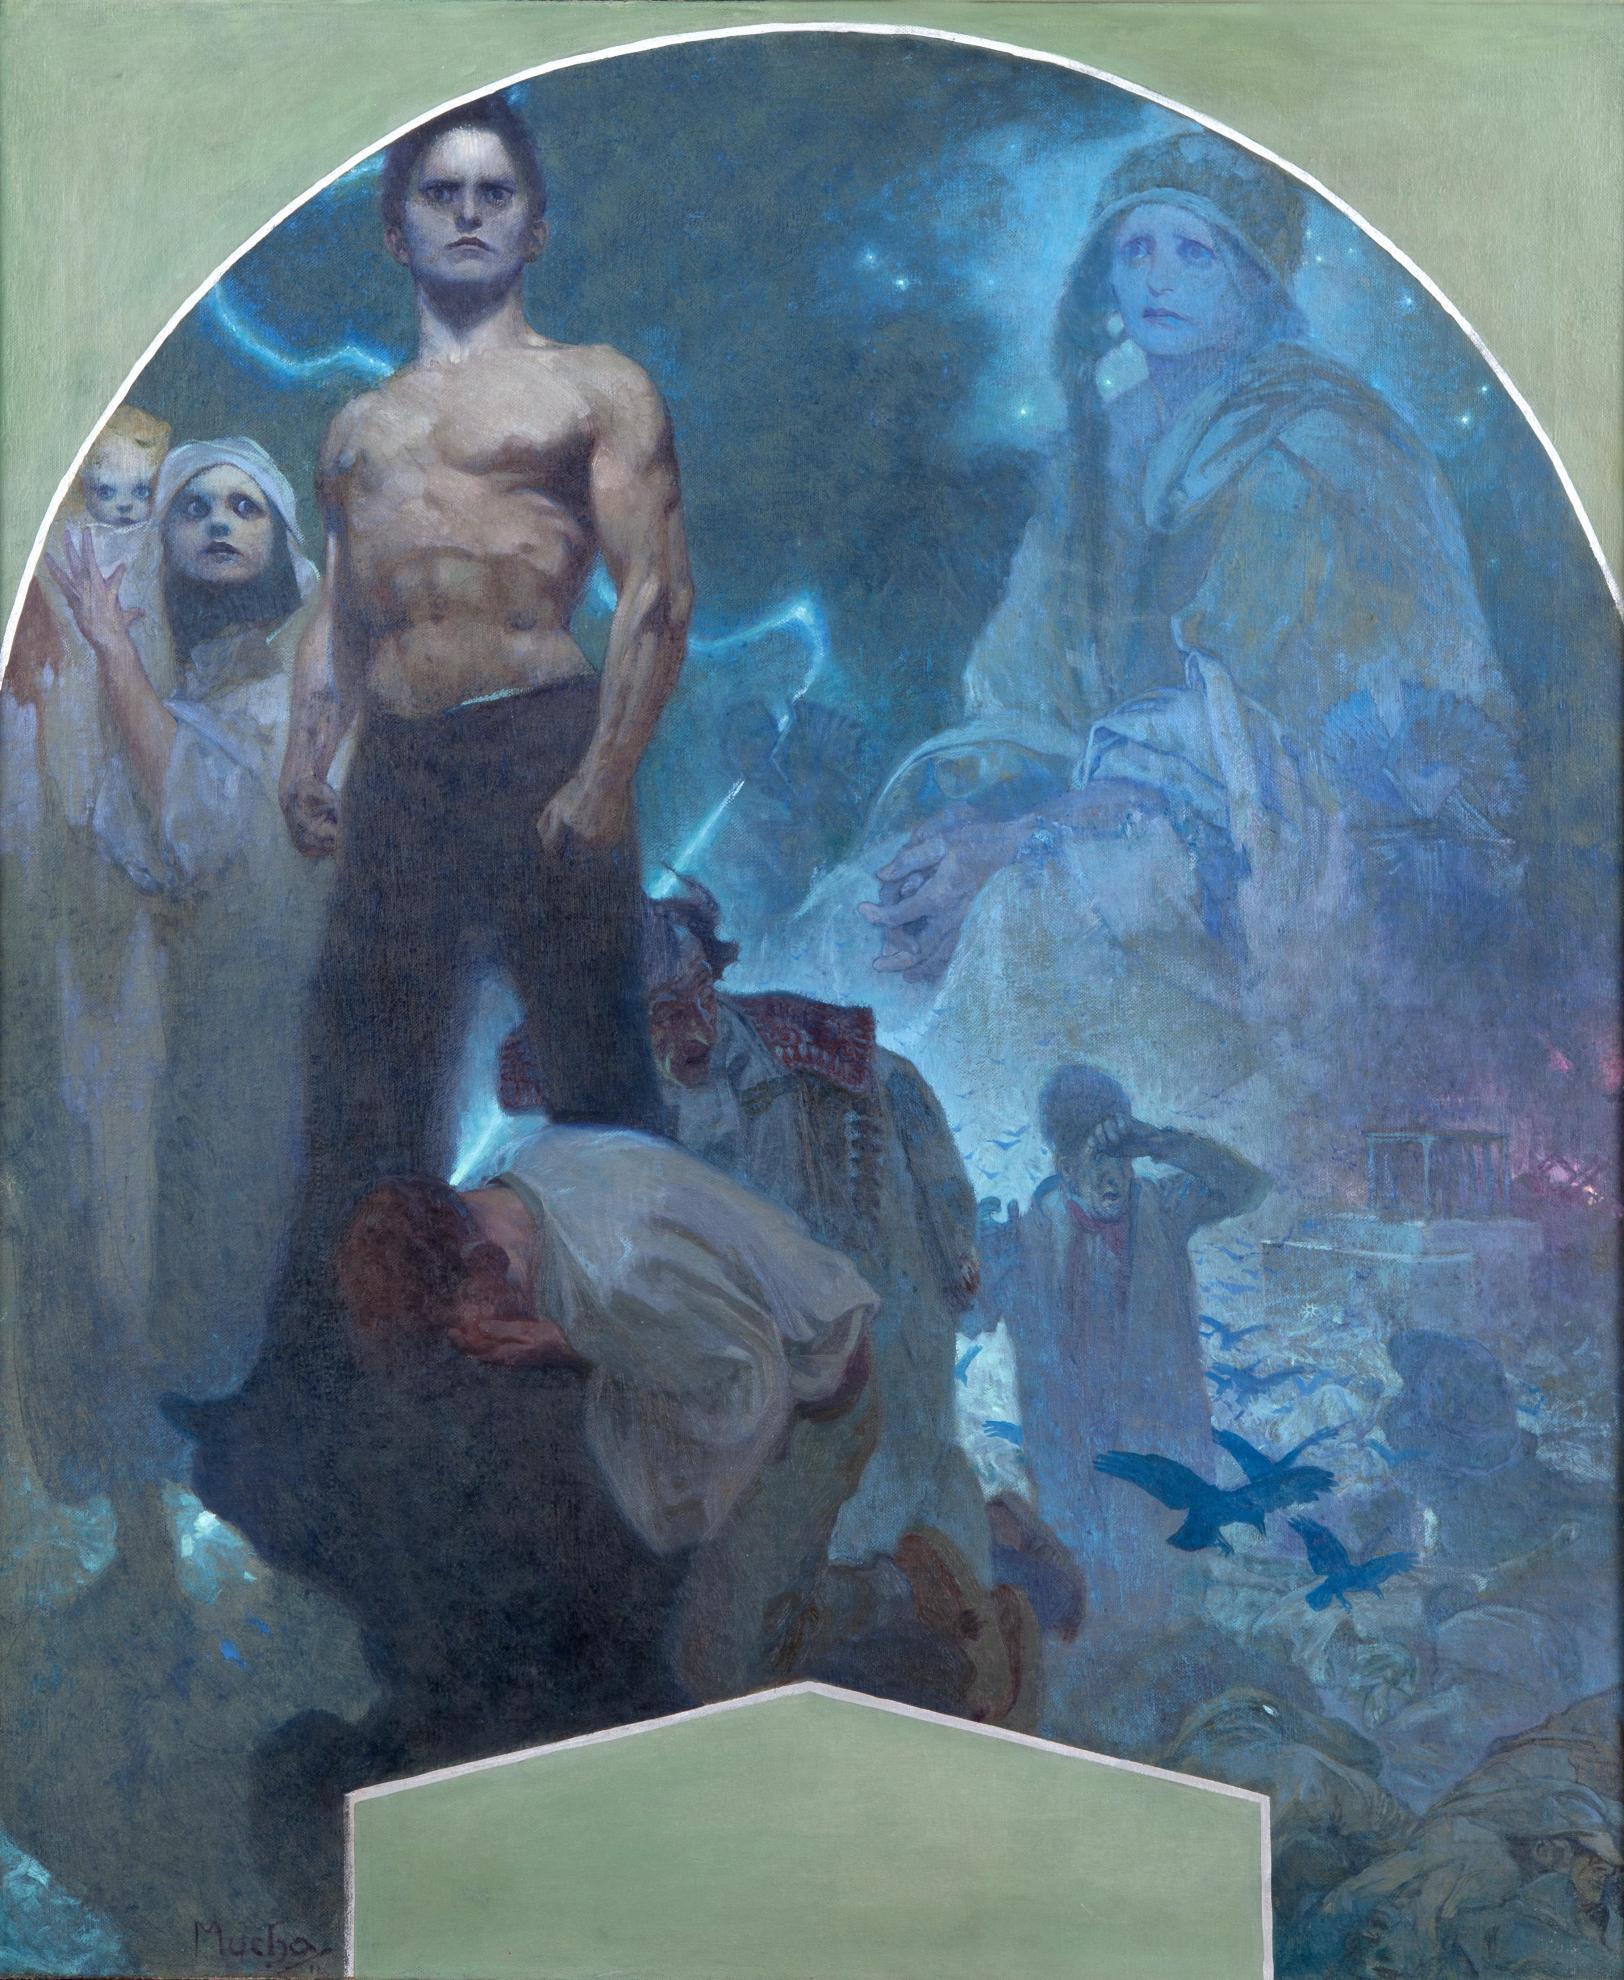 《自力Ⅱ 犠牲と勇気》プラハ市民会館壁画(下絵) 1911年 プラハ市立美術館 ©Prague City Gallery